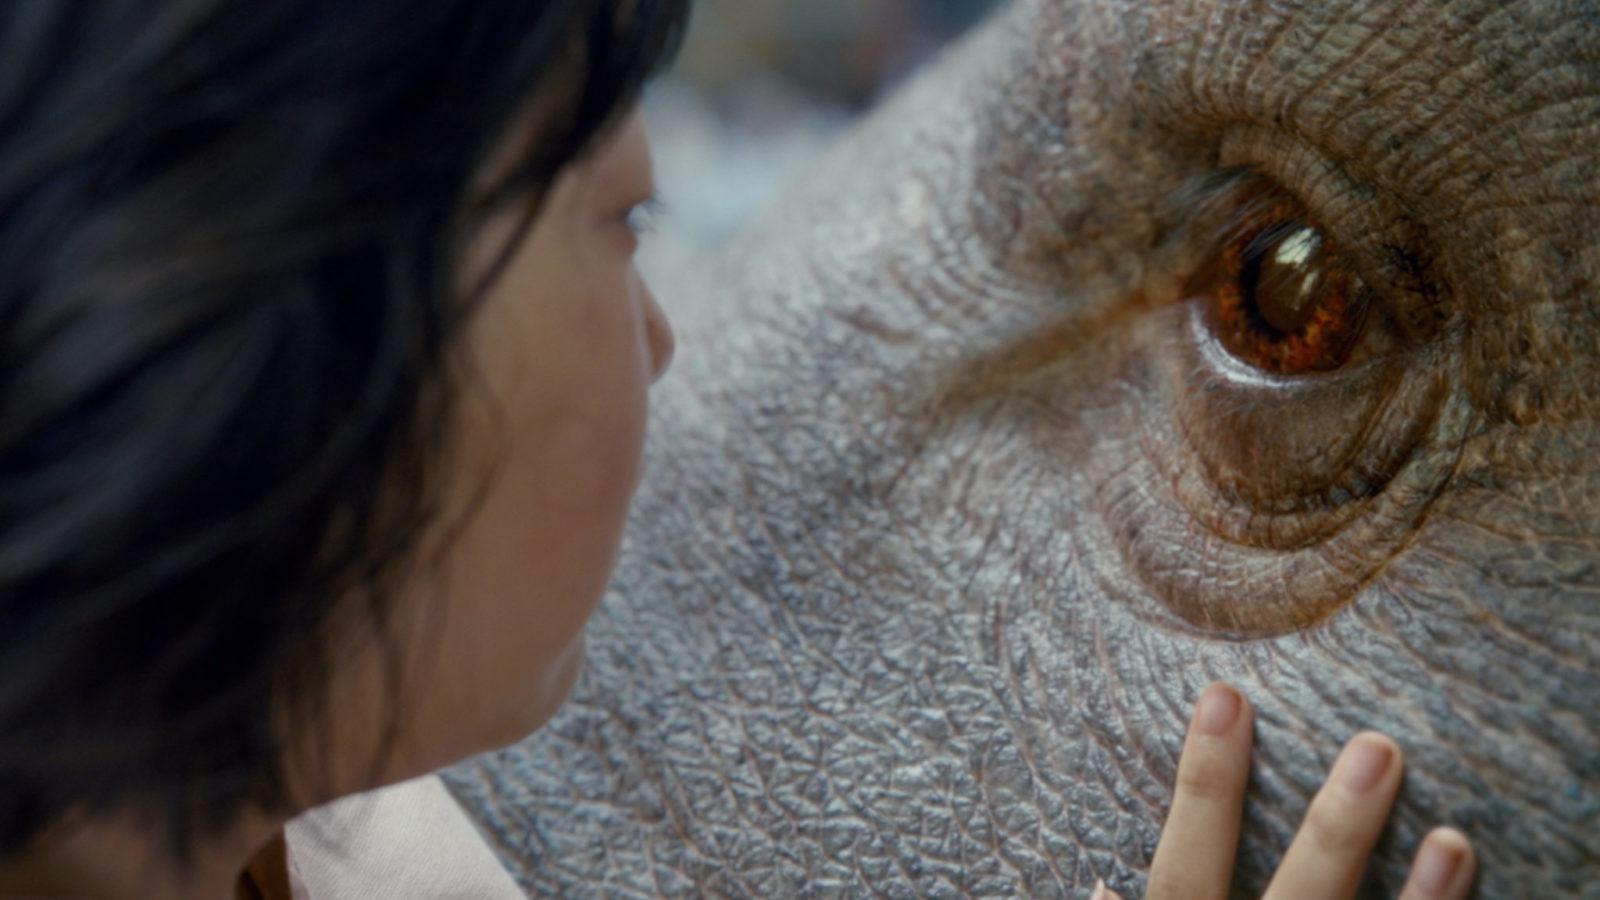 Zbliżenie na profil dziewczynki patrzącej się w oczy dużej, zmutowanej świni